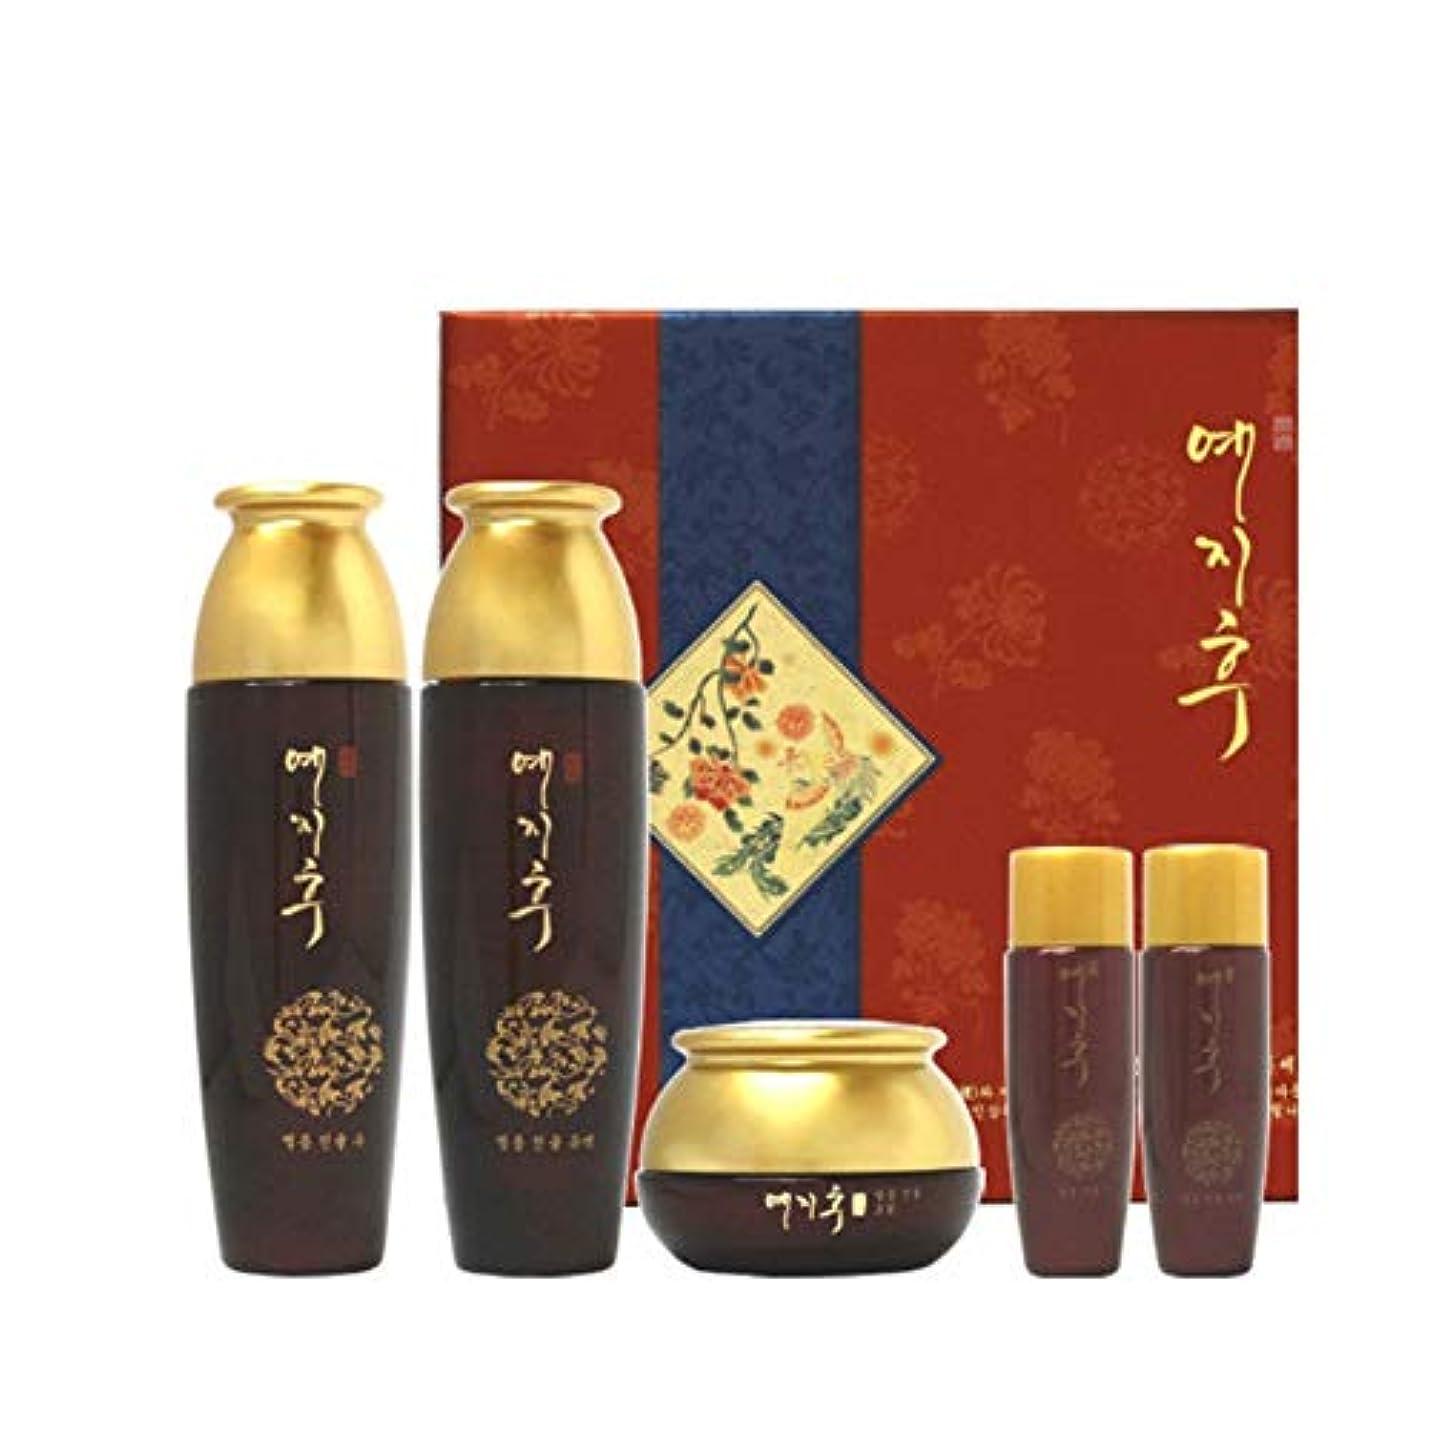 褐色常習的自転車イェジフブランドジャムヤング女性3種セットジンユル水180ml(150+30)ジンユル乳液180ml(150+30)ジンユルクリーム50g、Yezihu 3 Sets of Women's Luxury Cosmetics...